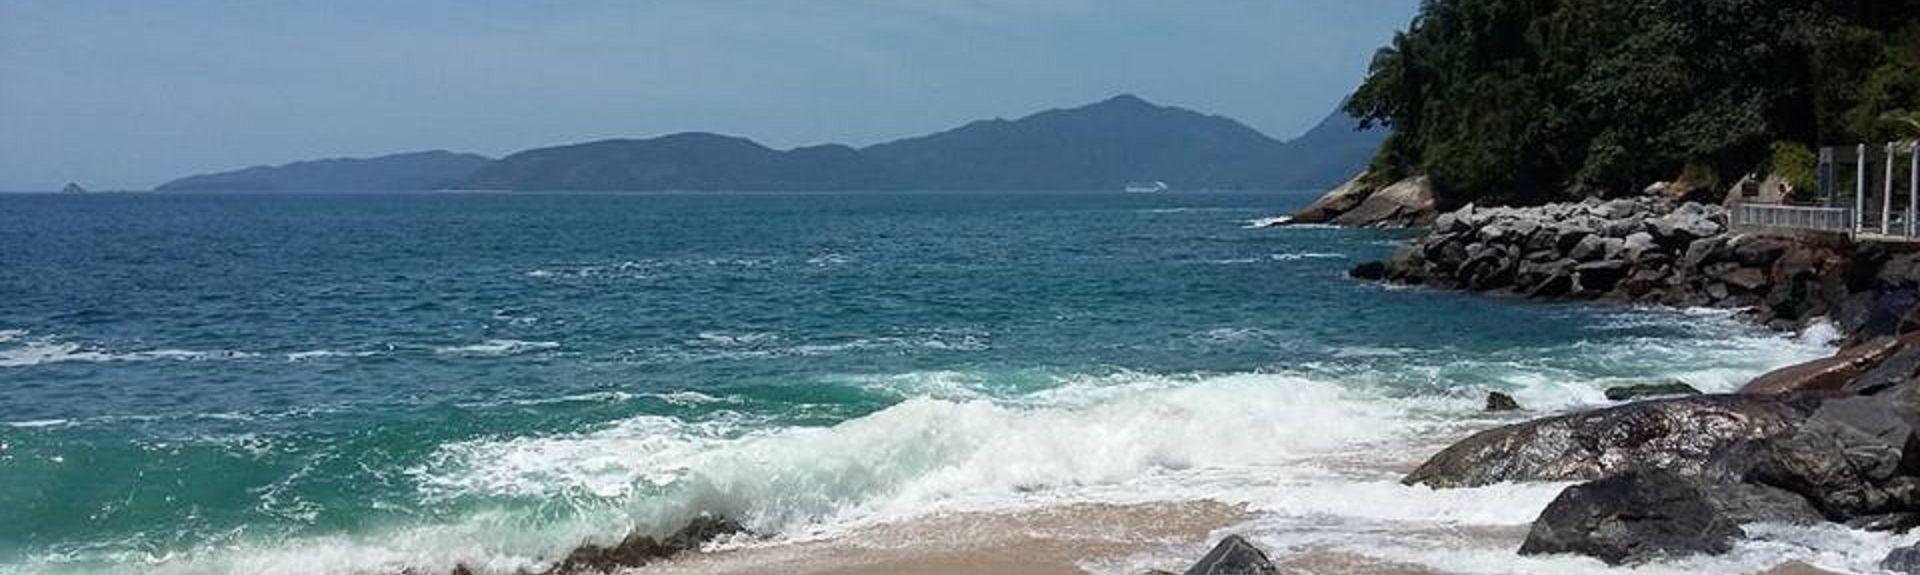 Anil Beach, Angra dos Reis, Brazil